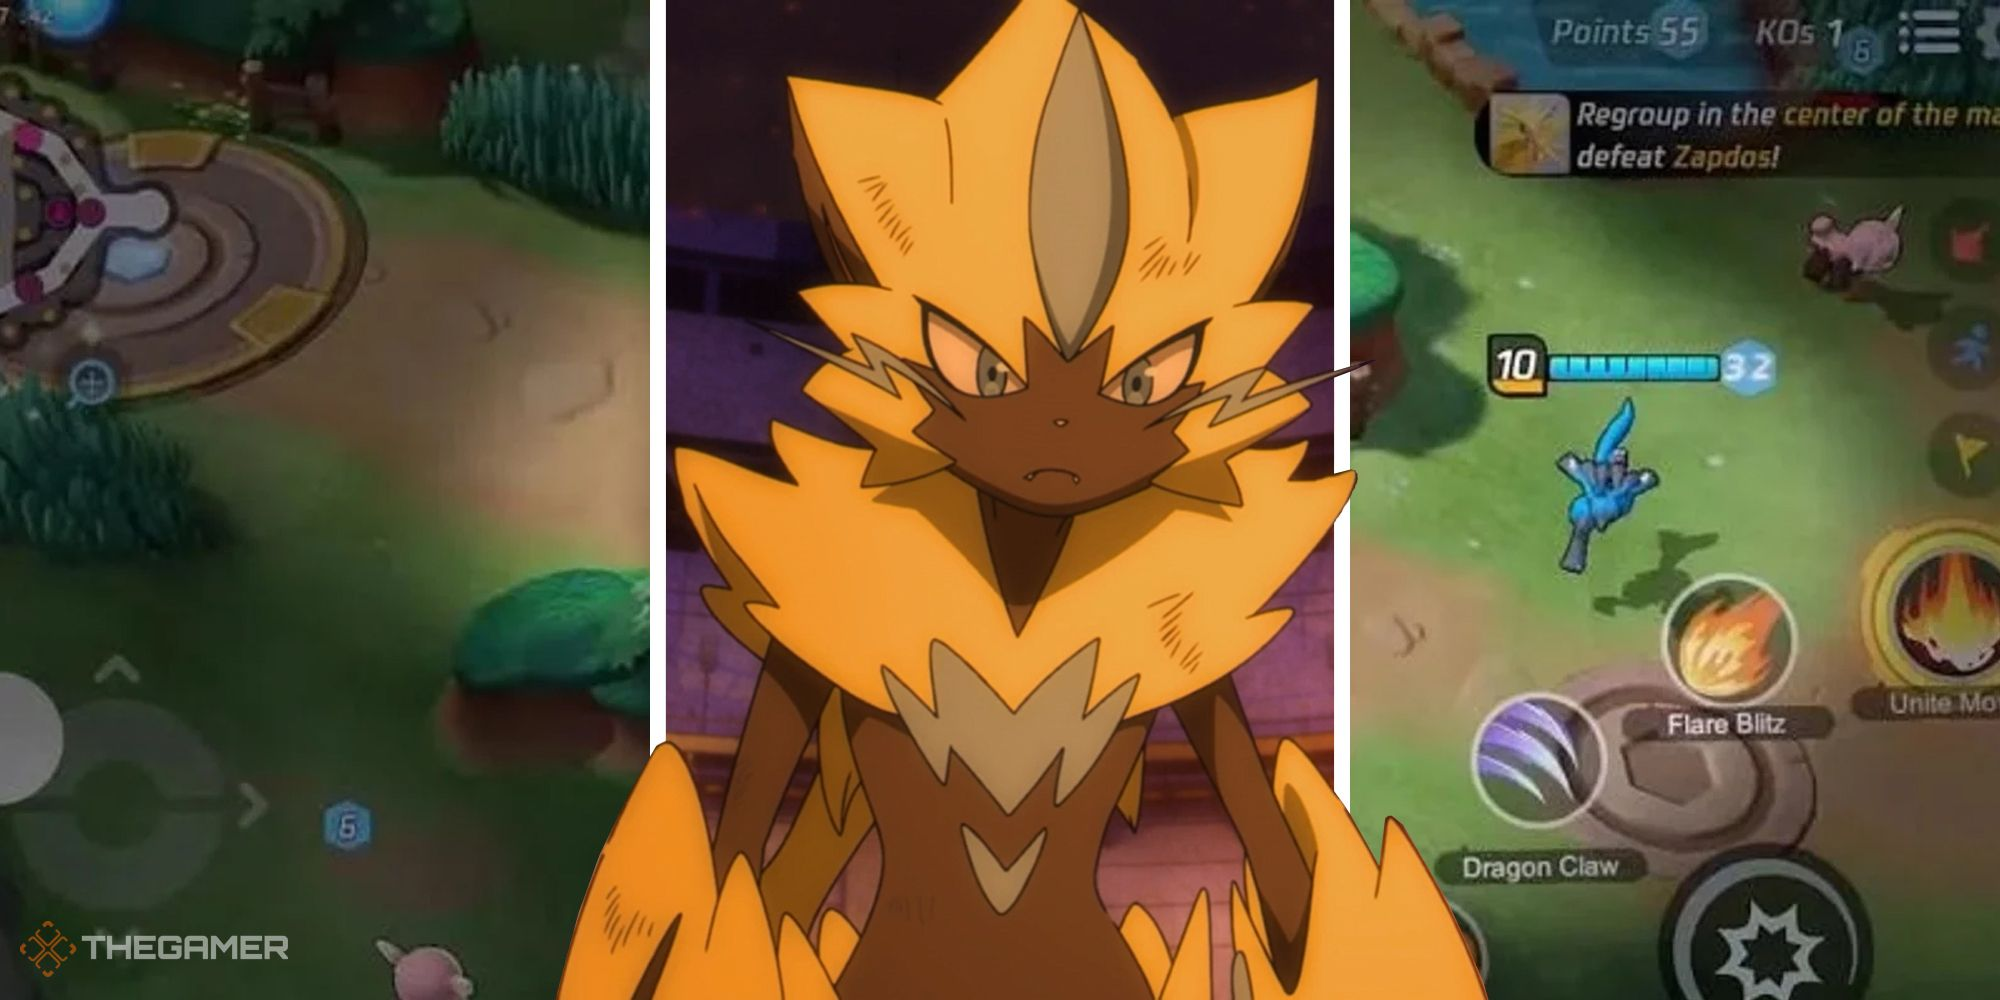 Cómo conseguir a Zeraora en Pokémon Unite